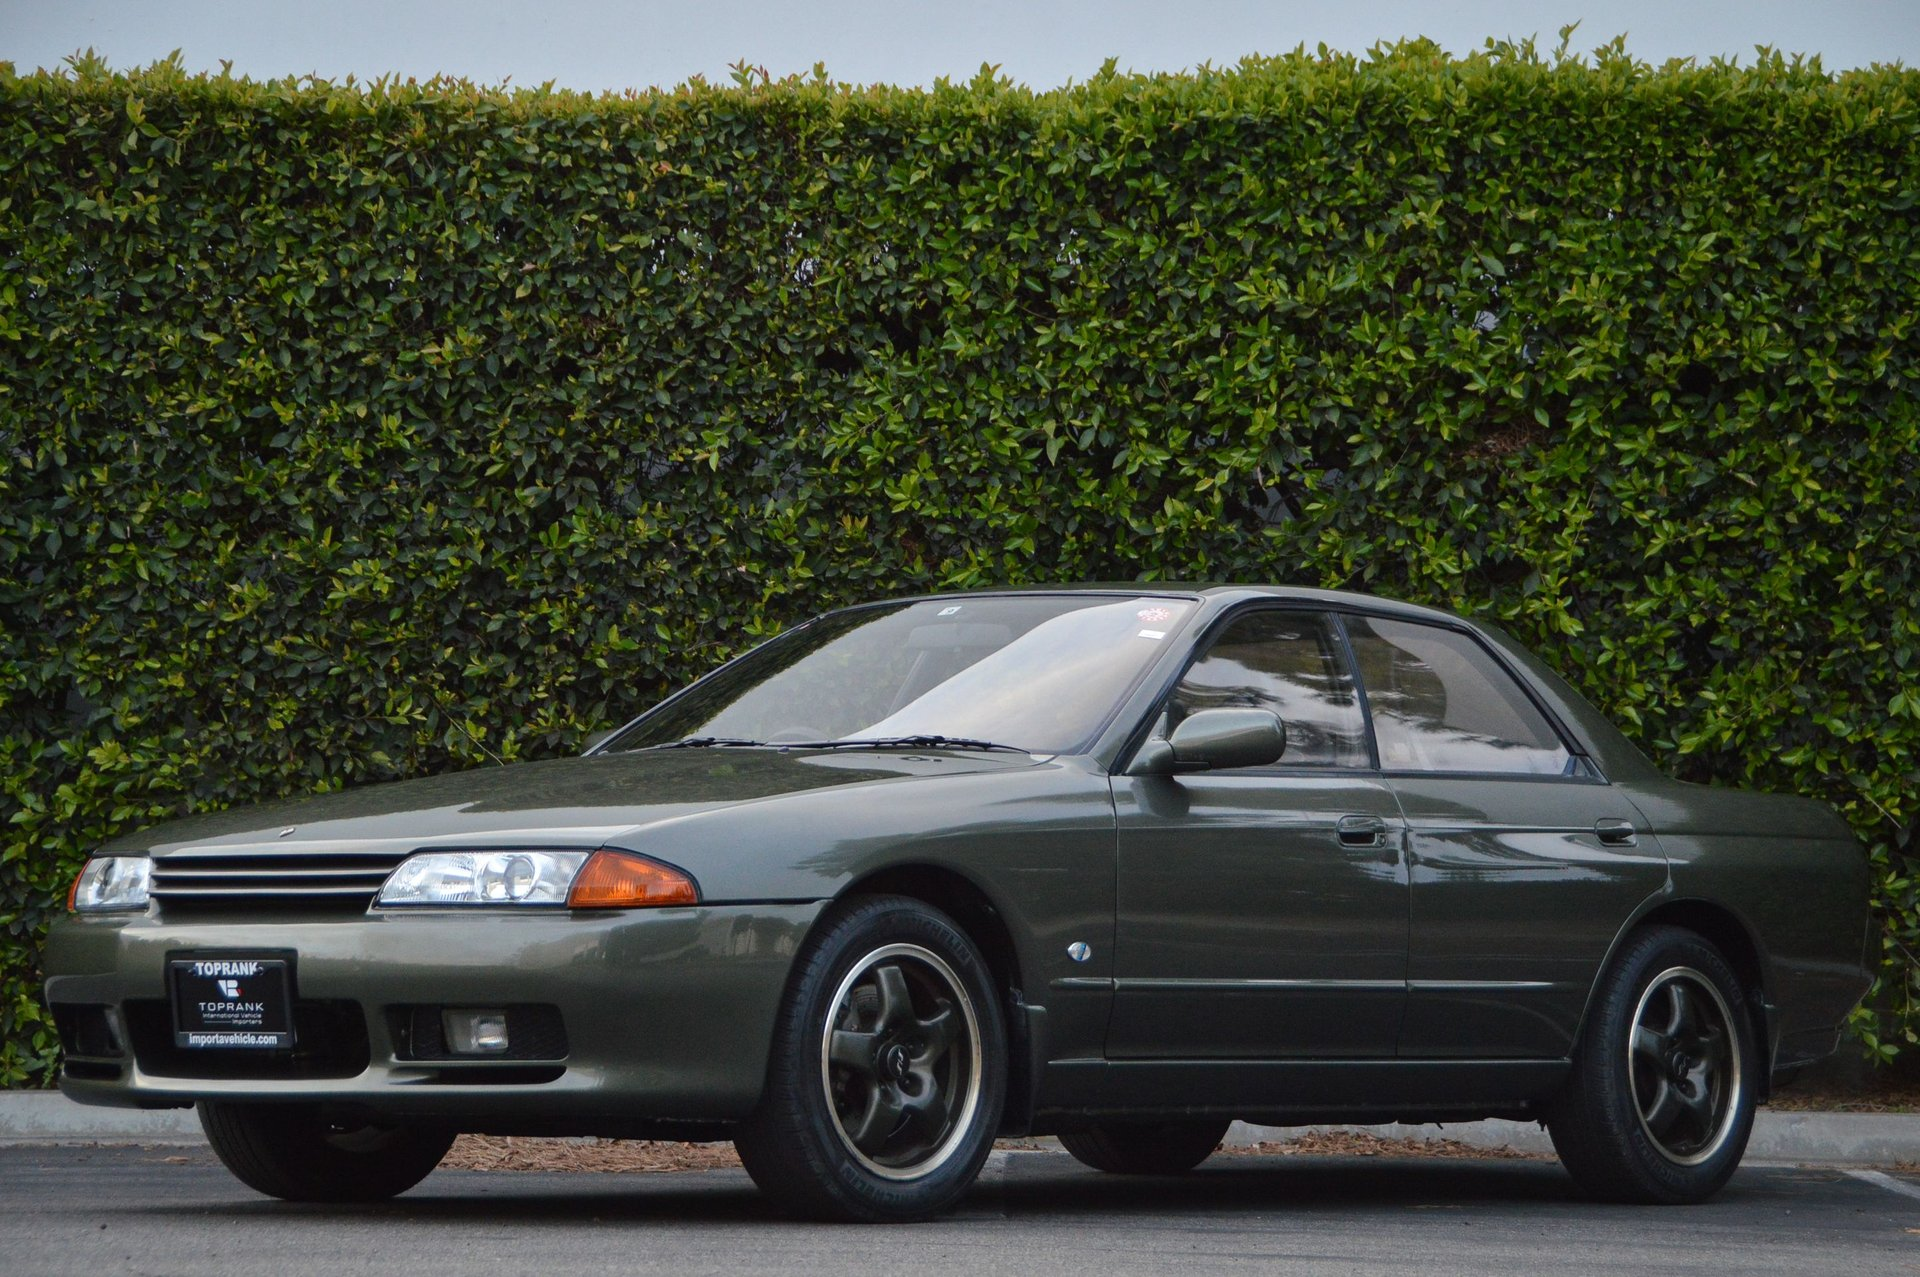 1992 Nissan Skyline Autech RB26DE